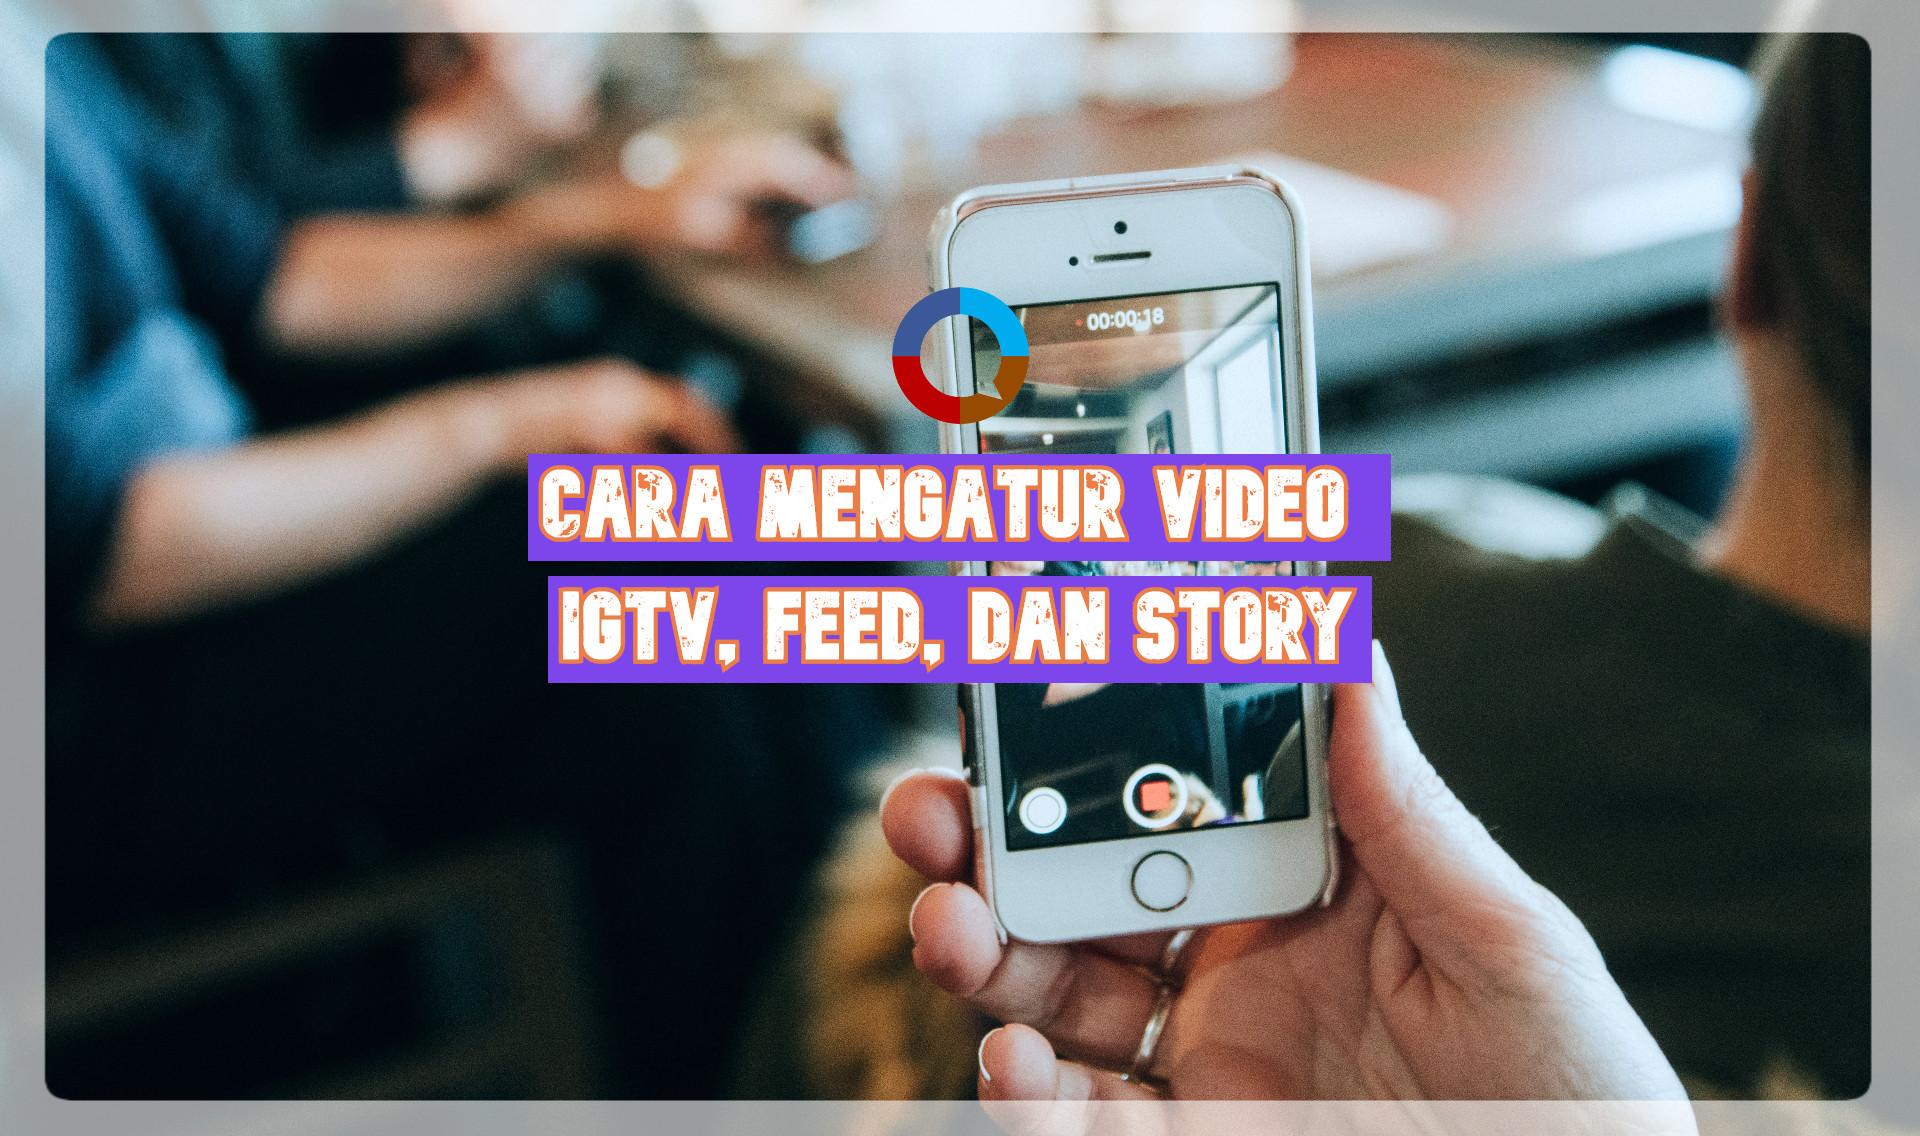 Cara Mengatur Video IGTV, Feed, dan Story